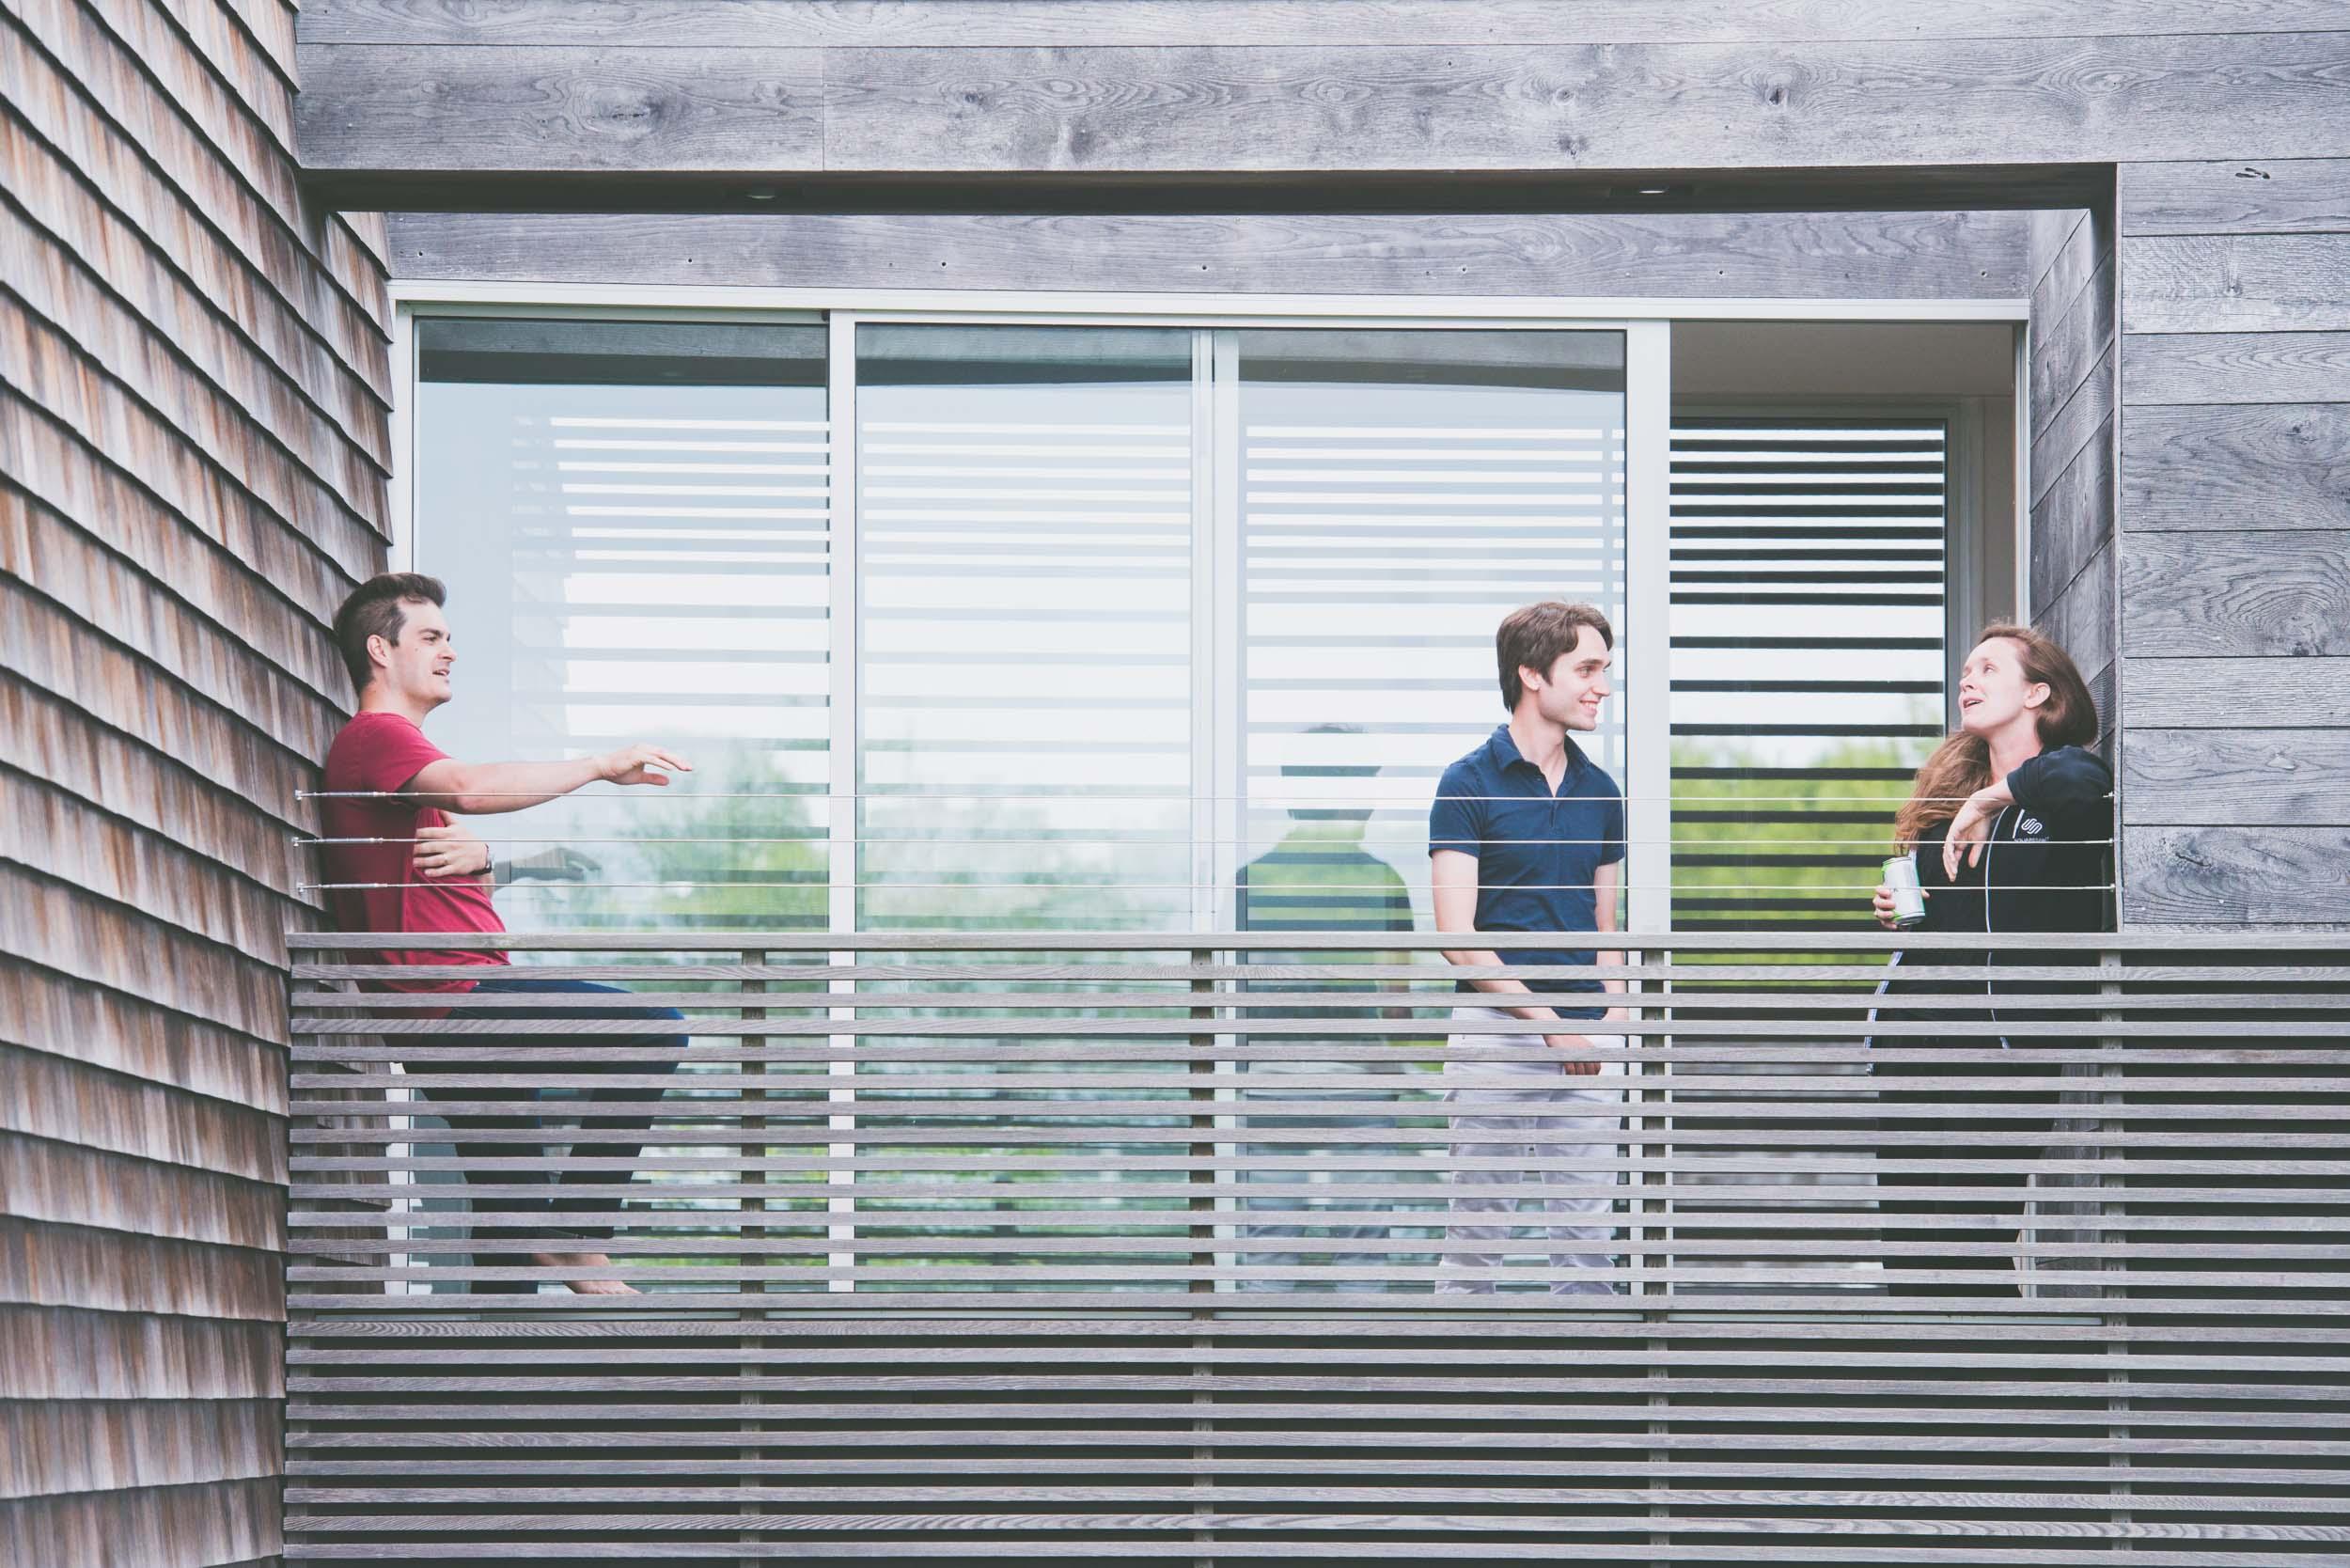 Talking on balcony - Lifestyle - Photo credit Nicola Bailey.jpg